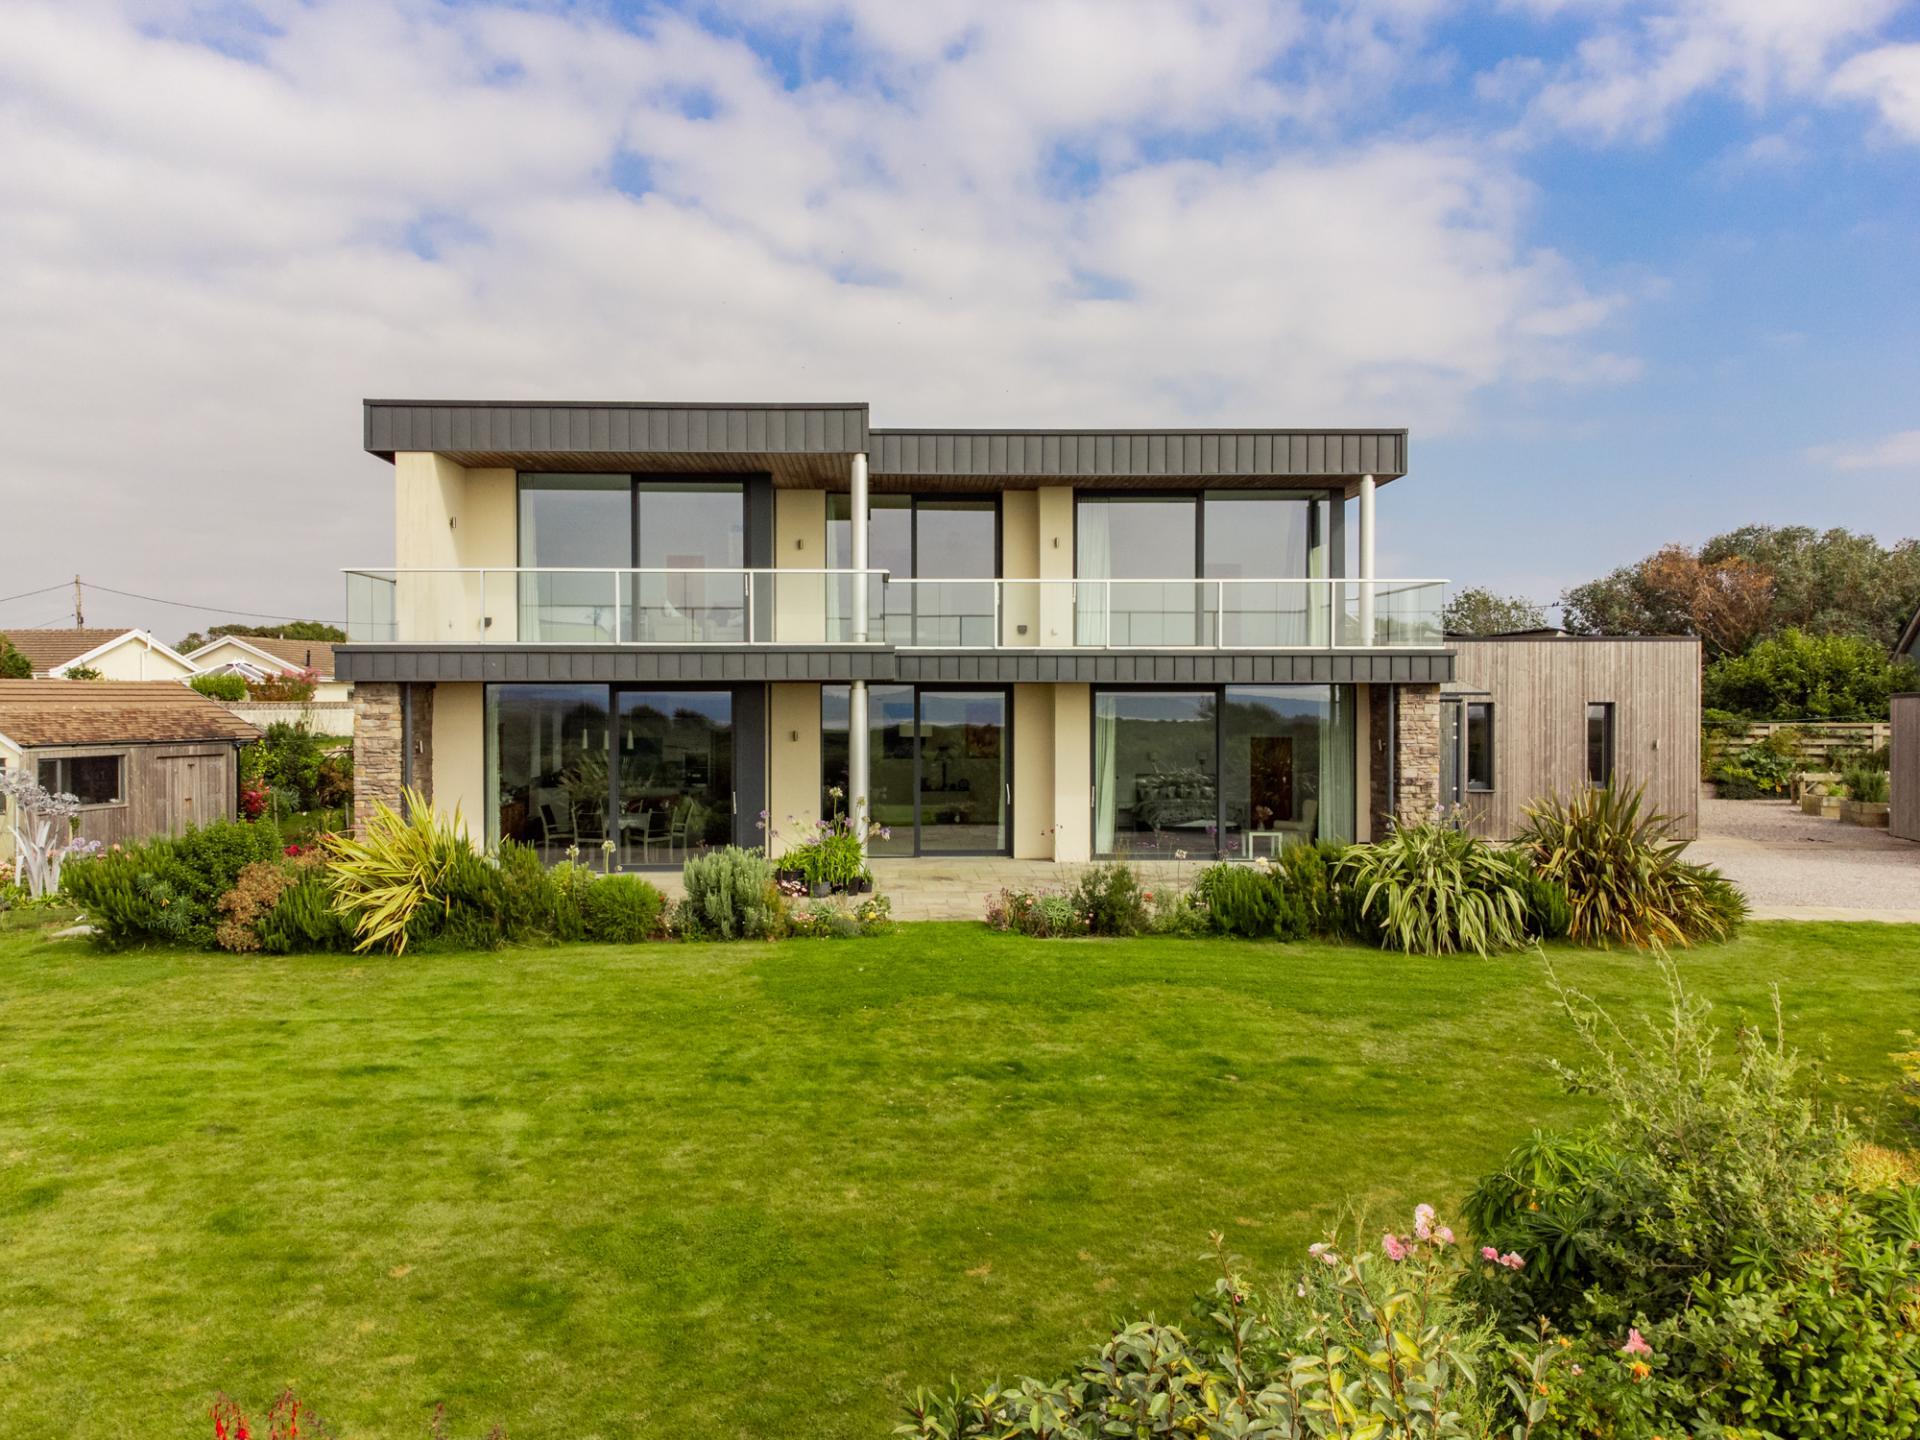 Property for sale near Swansea